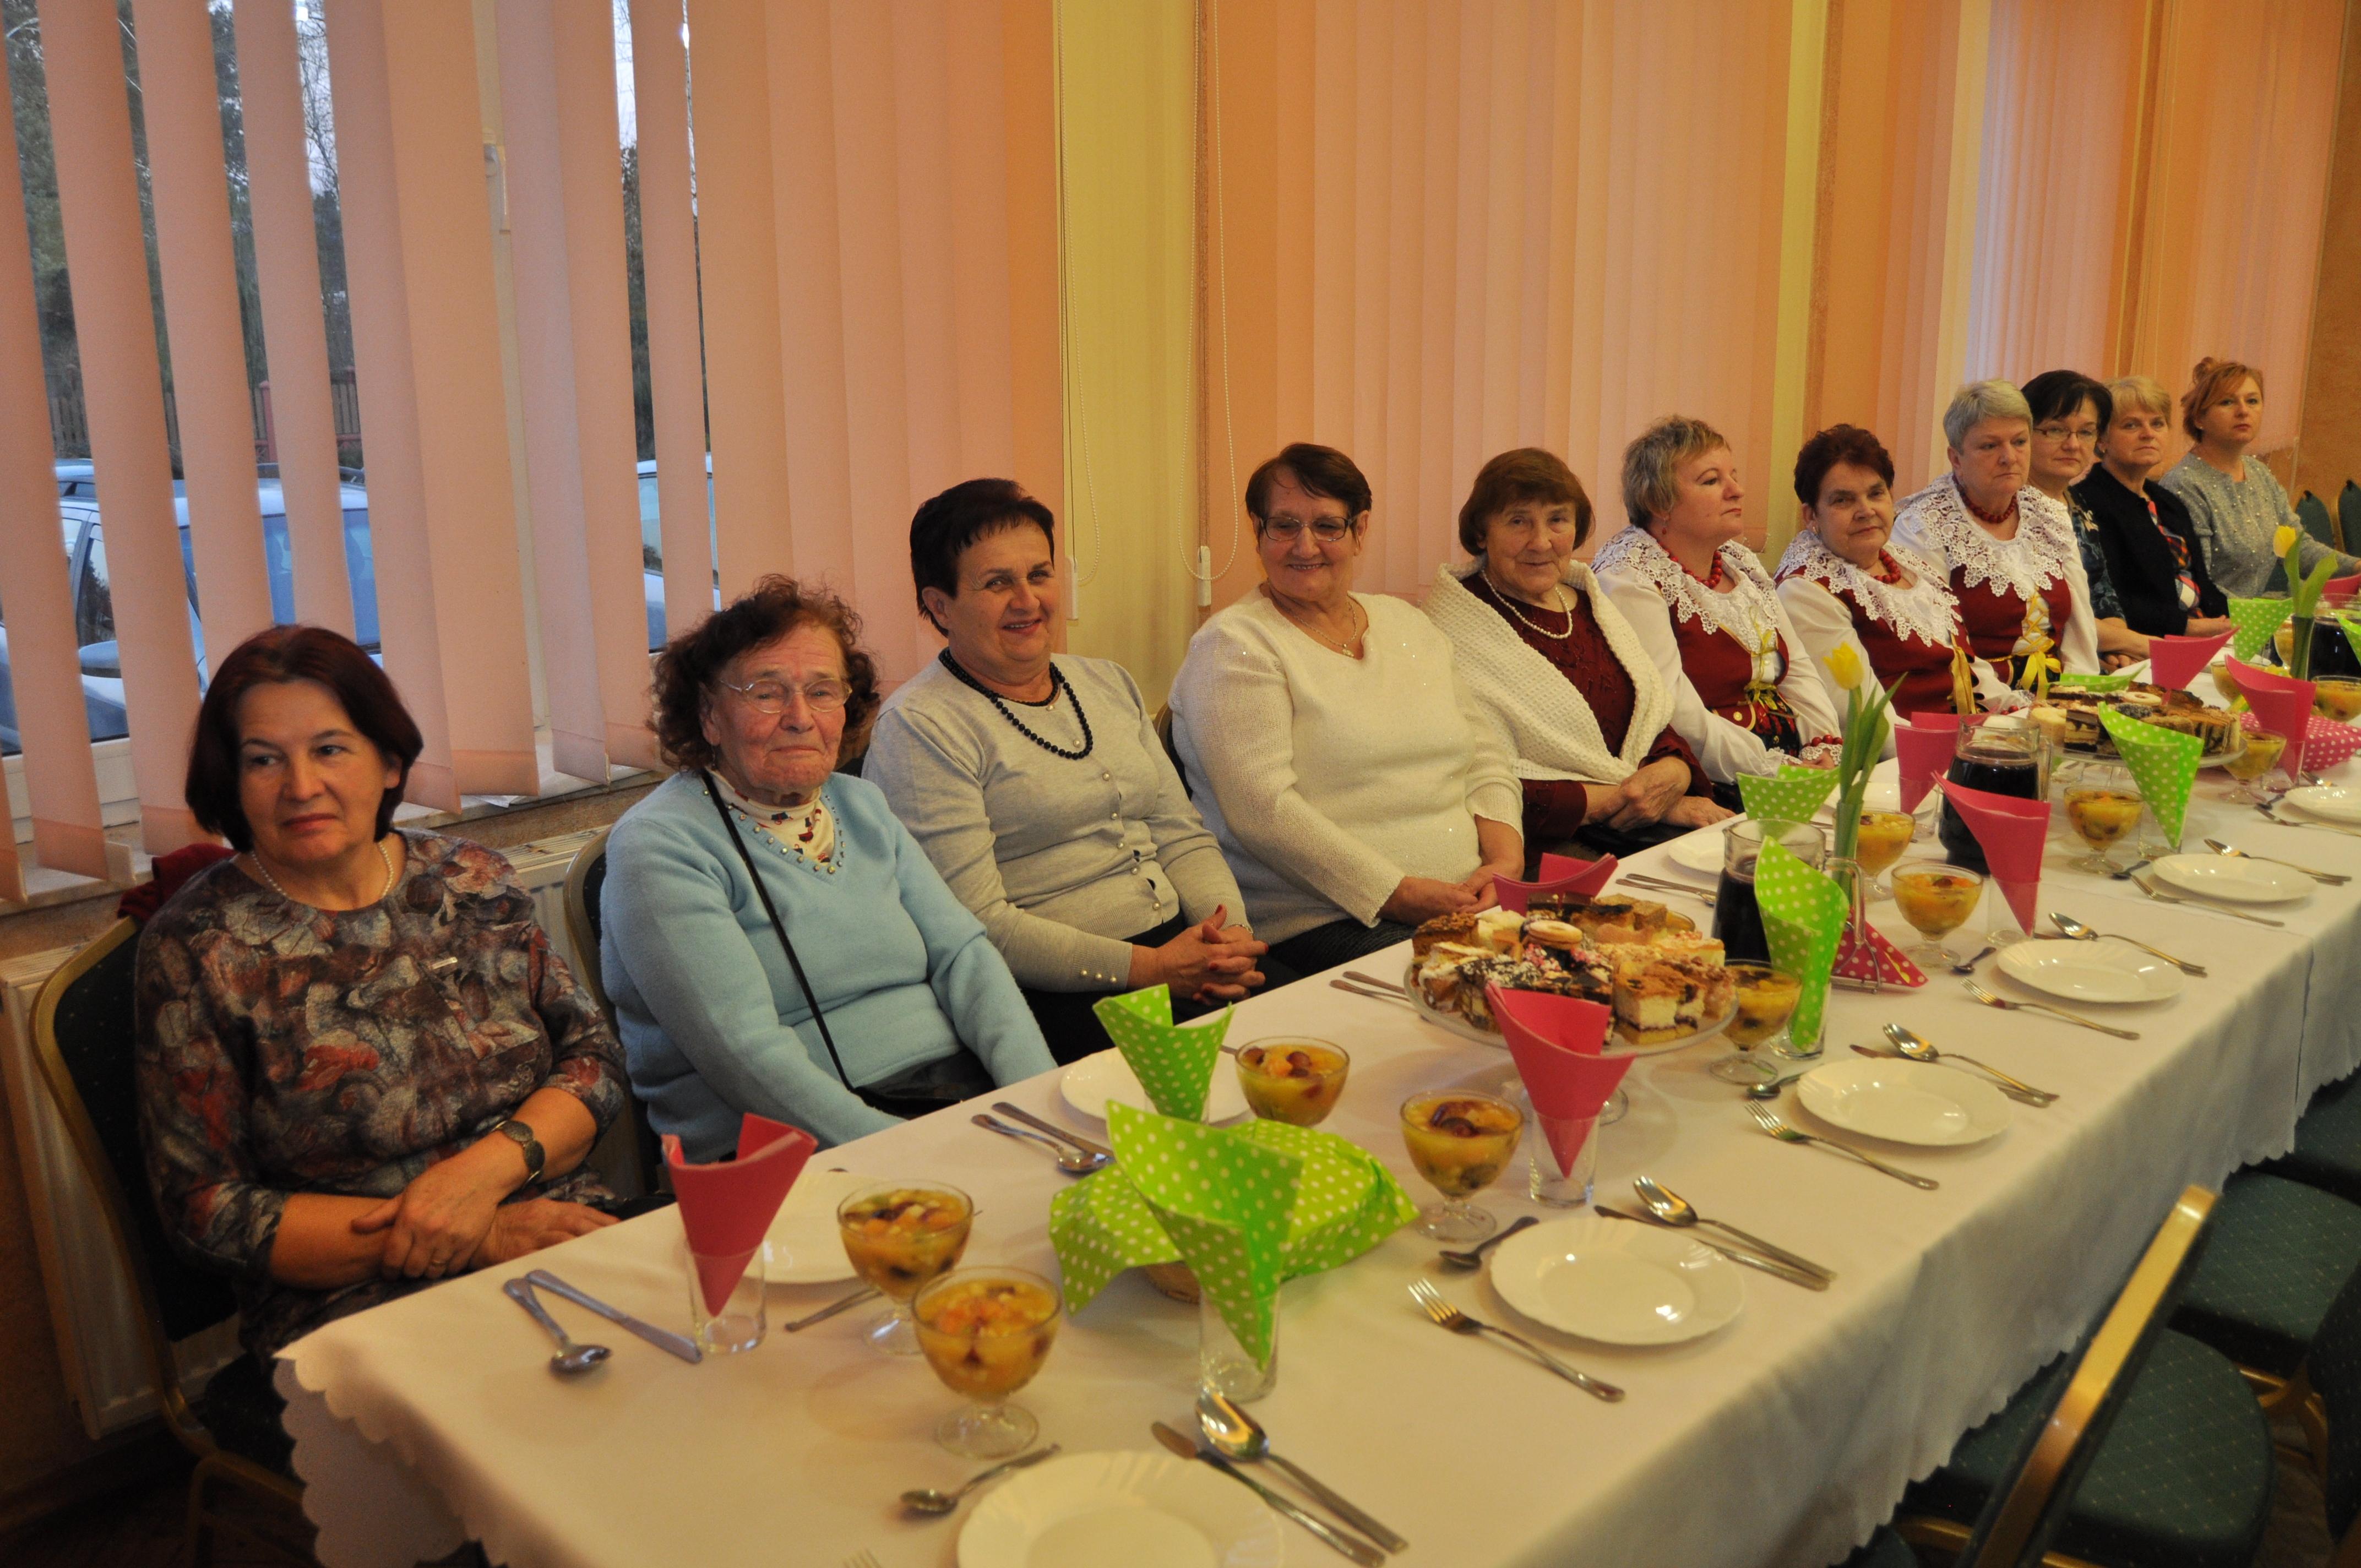 Święto seniorów w Mechowcu. Zobacz zdjęcia  - Zdjęcie główne